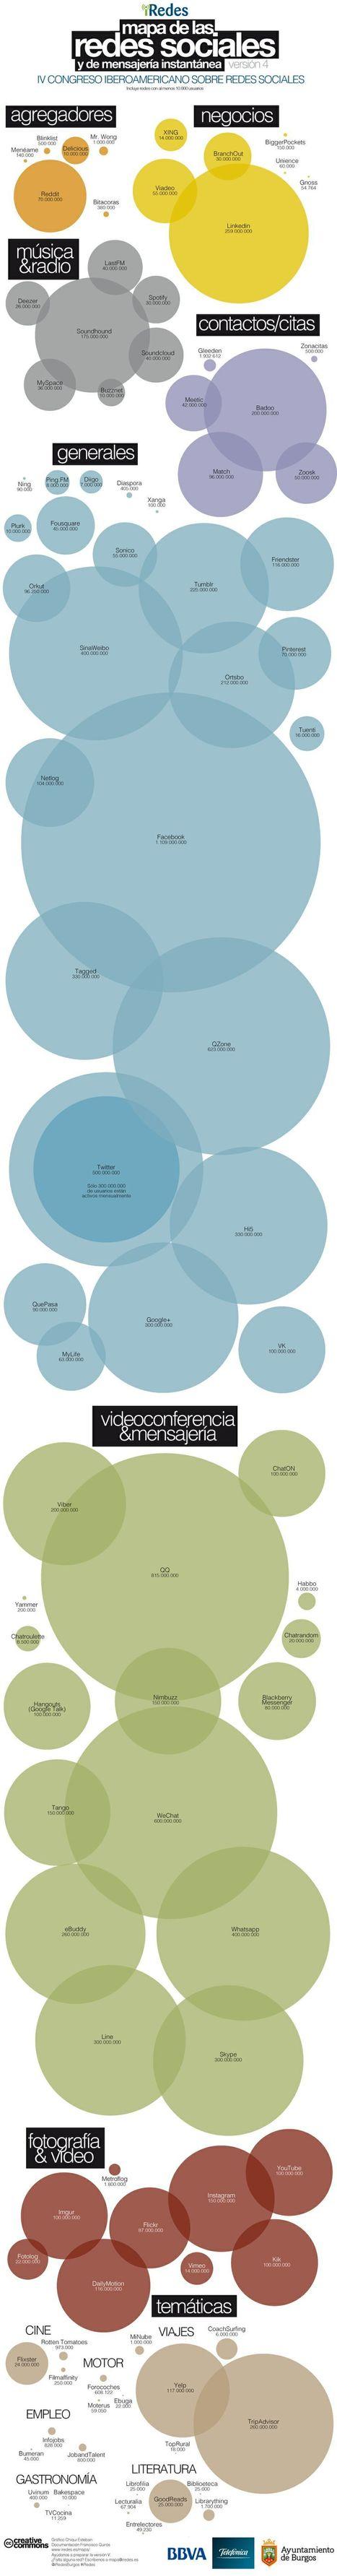 Nuevo mapa de las redes sociales 2014 #iRedes |... | Mi clase en red | Scoop.it